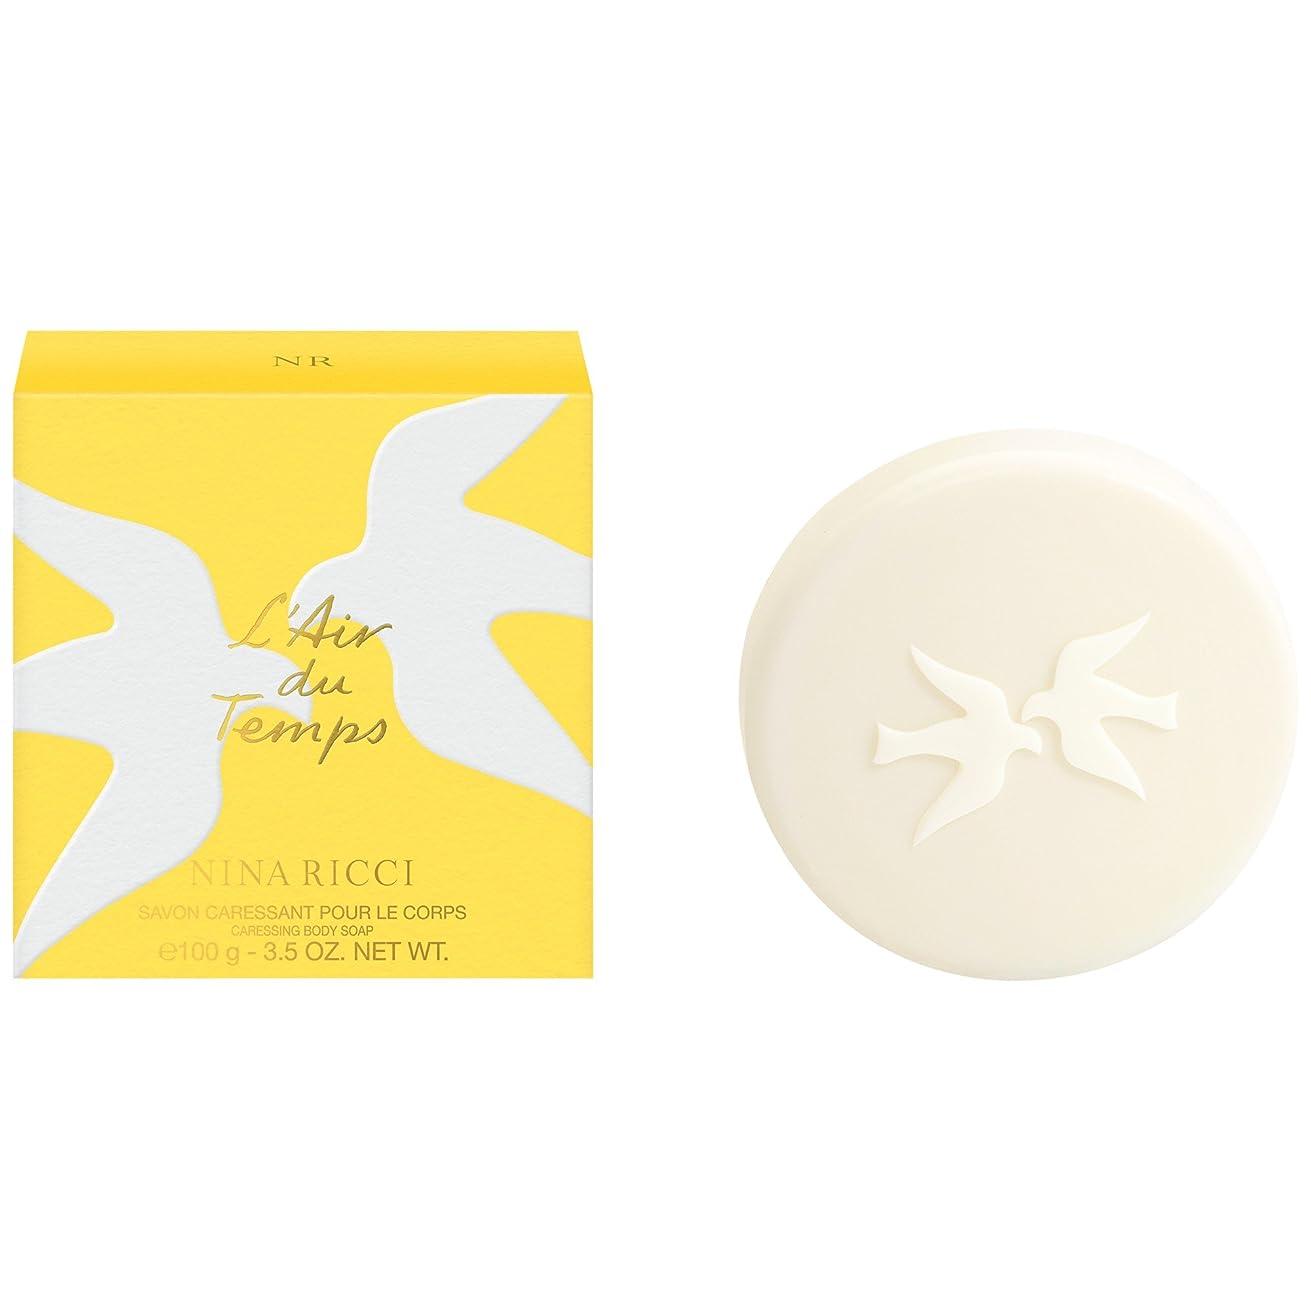 隠された器官高音ニナリッチL'空気デュは石鹸の100グラムをタン (Nina Ricci) (x2) - Nina Ricci L'Air du Temps Soap 100g (Pack of 2) [並行輸入品]